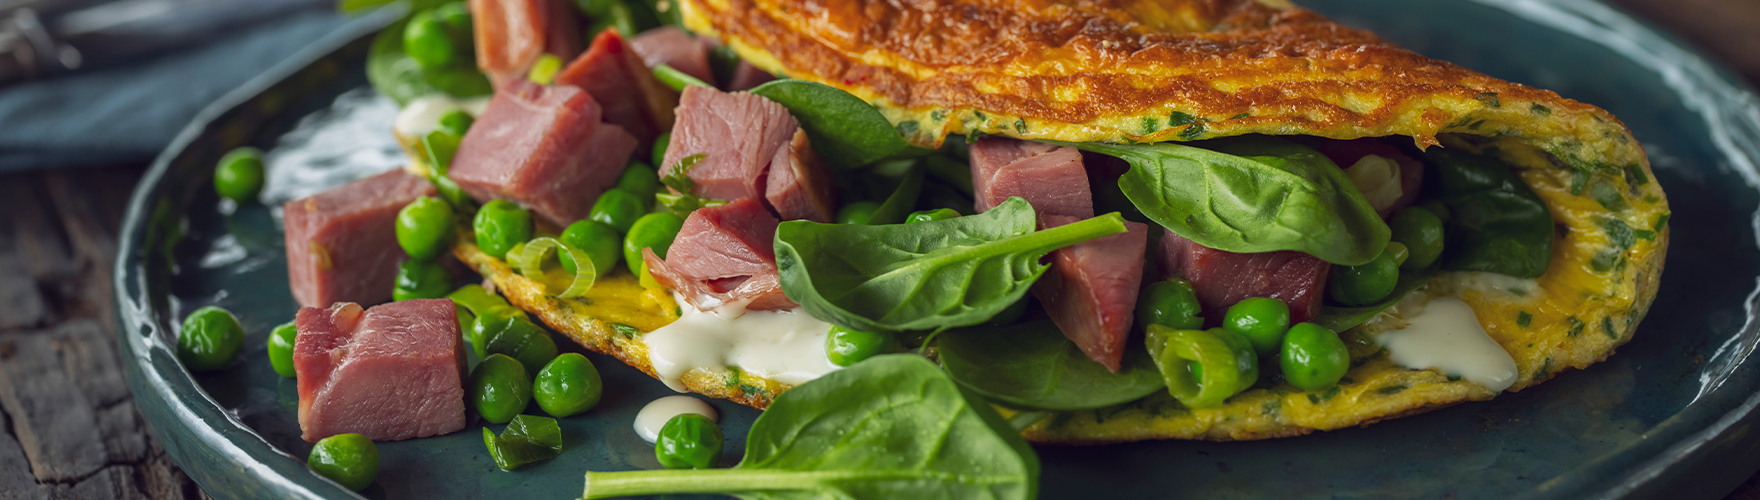 Dubbelgeklapte omelet met tuinkruiden, voorjaarsgroenten, lamsham en blauwe kaas